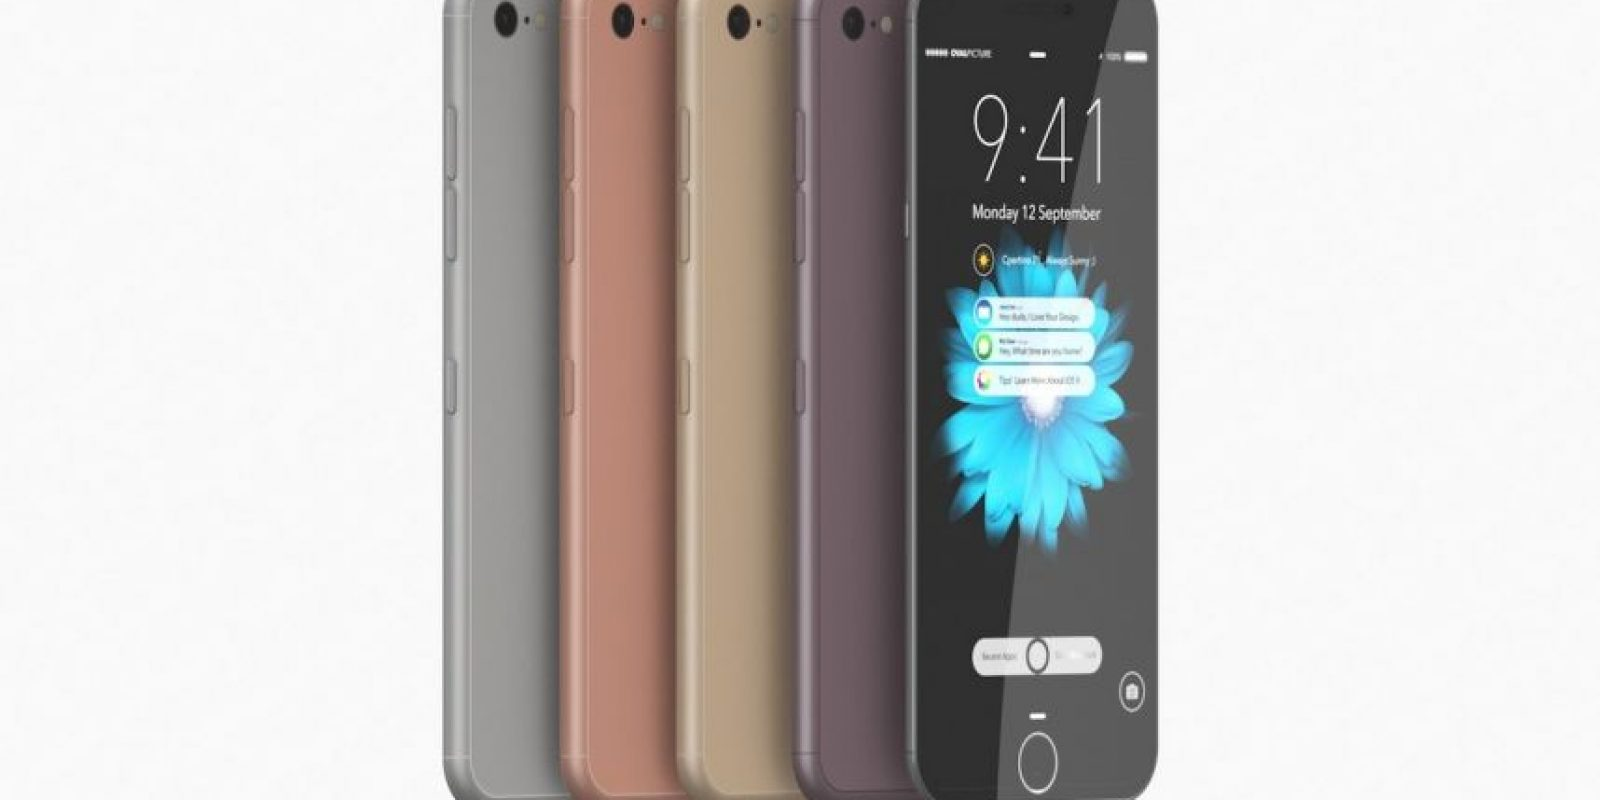 """De acuerdo con el analista Ming-Chi Kuo, citado por 9to5Mac, """"los cambios podrían ser lo suficientemente importantes para llamar a su nuevo dispositivo iPhone 7"""". Foto:Tumblr"""